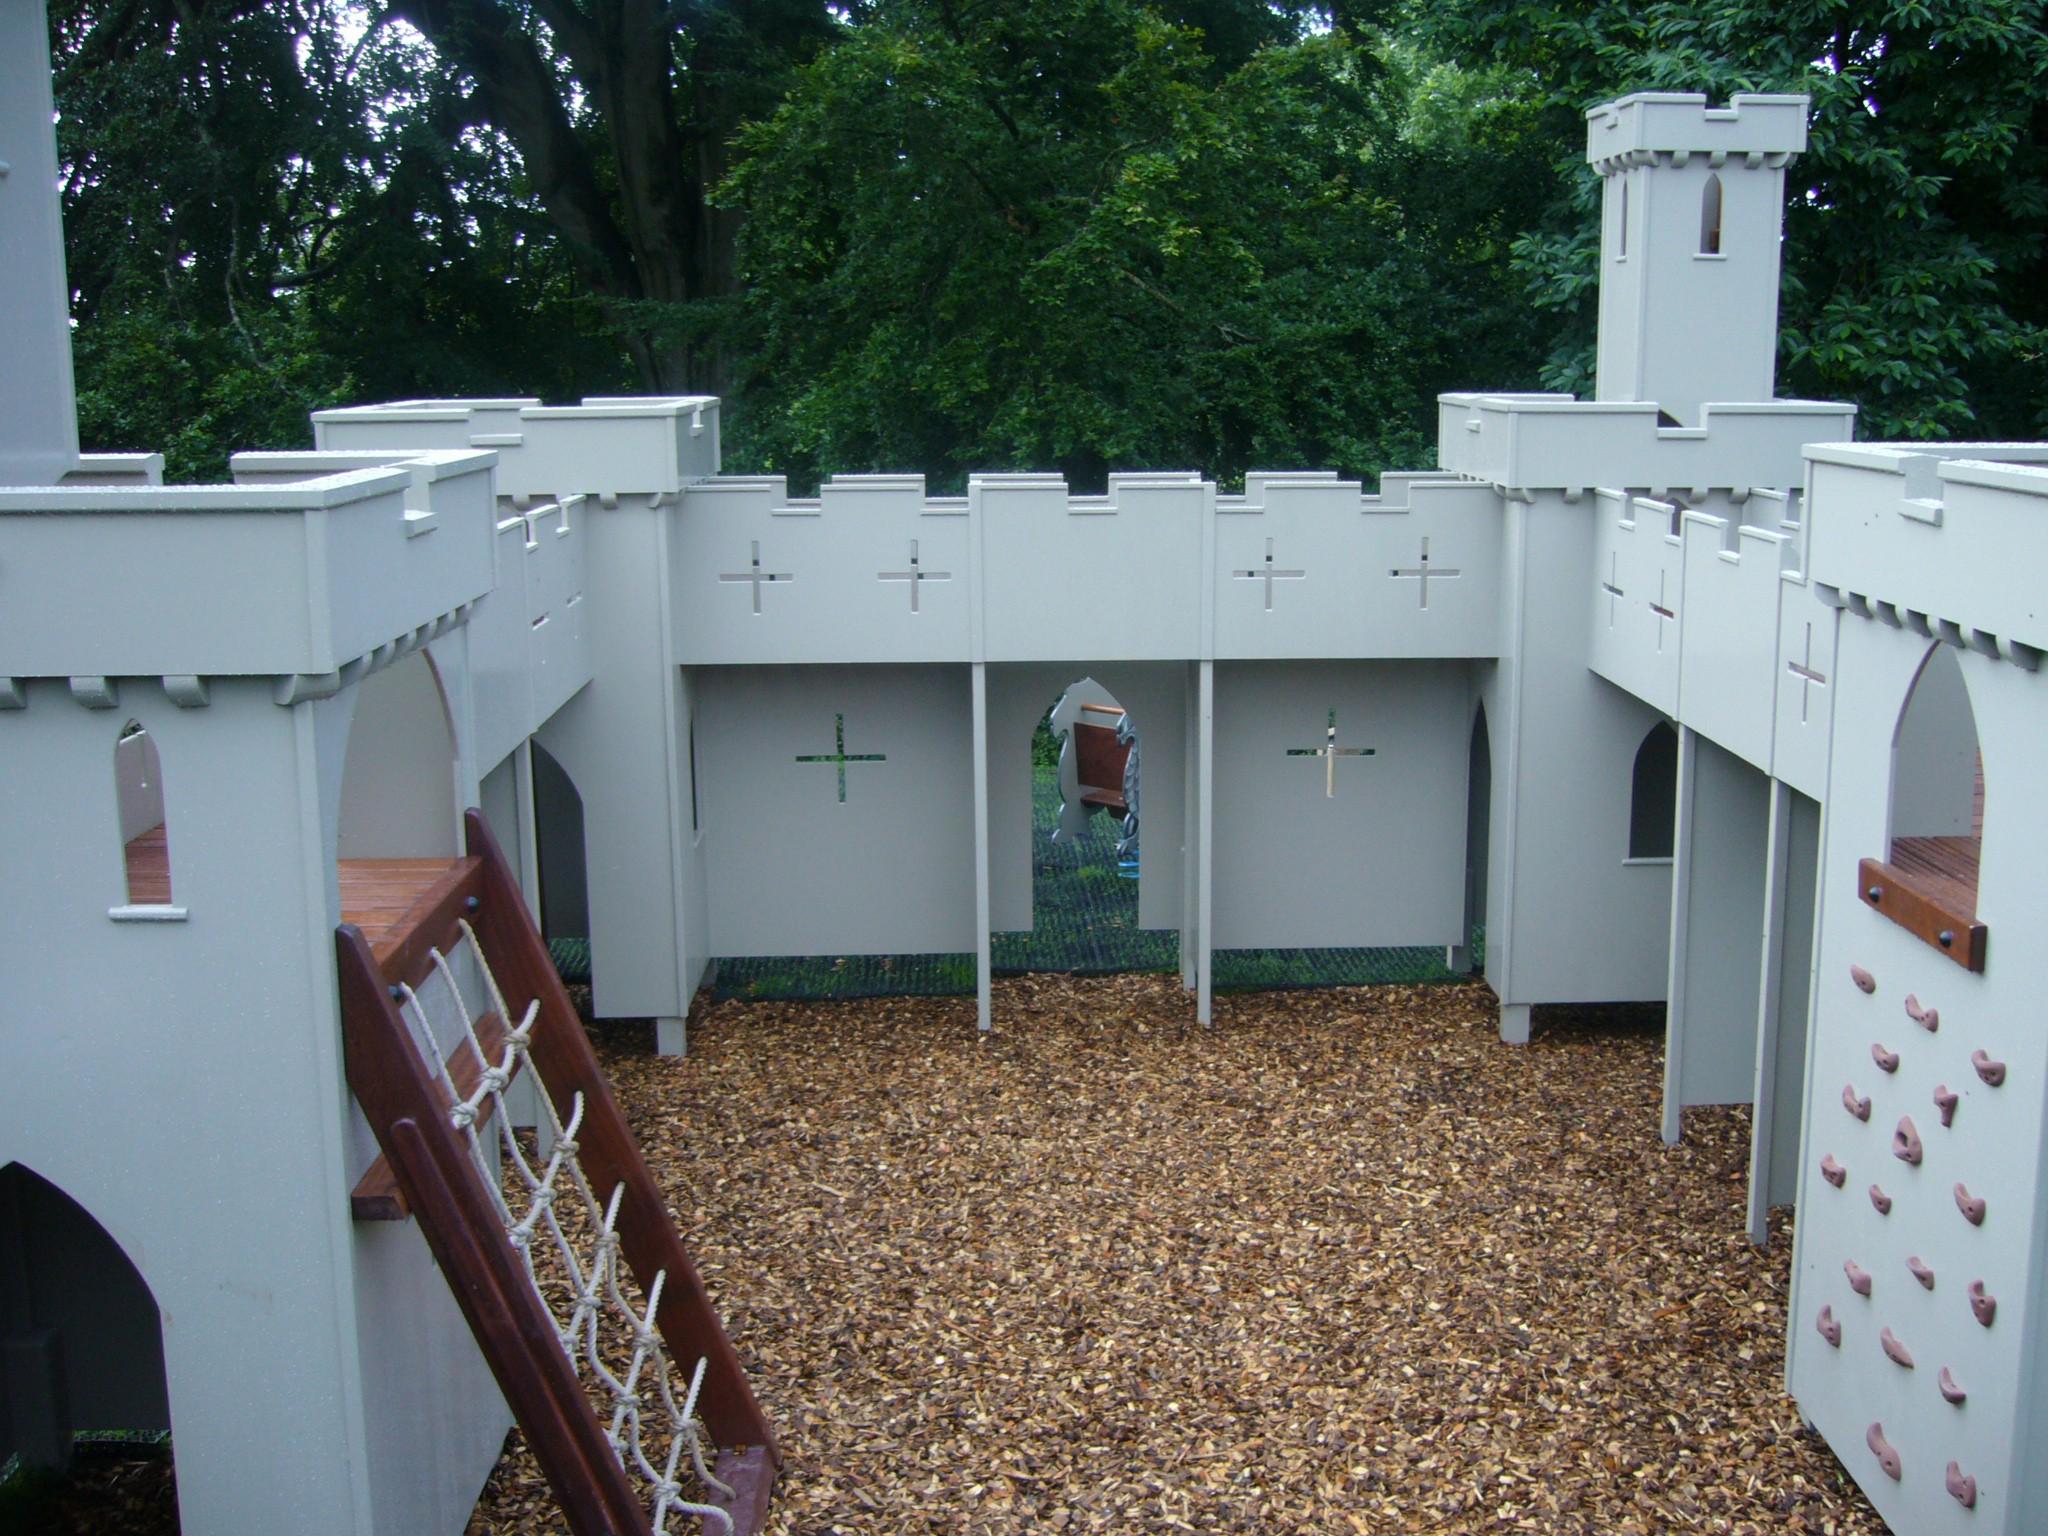 croft castle adventure play area | flights of fantasy